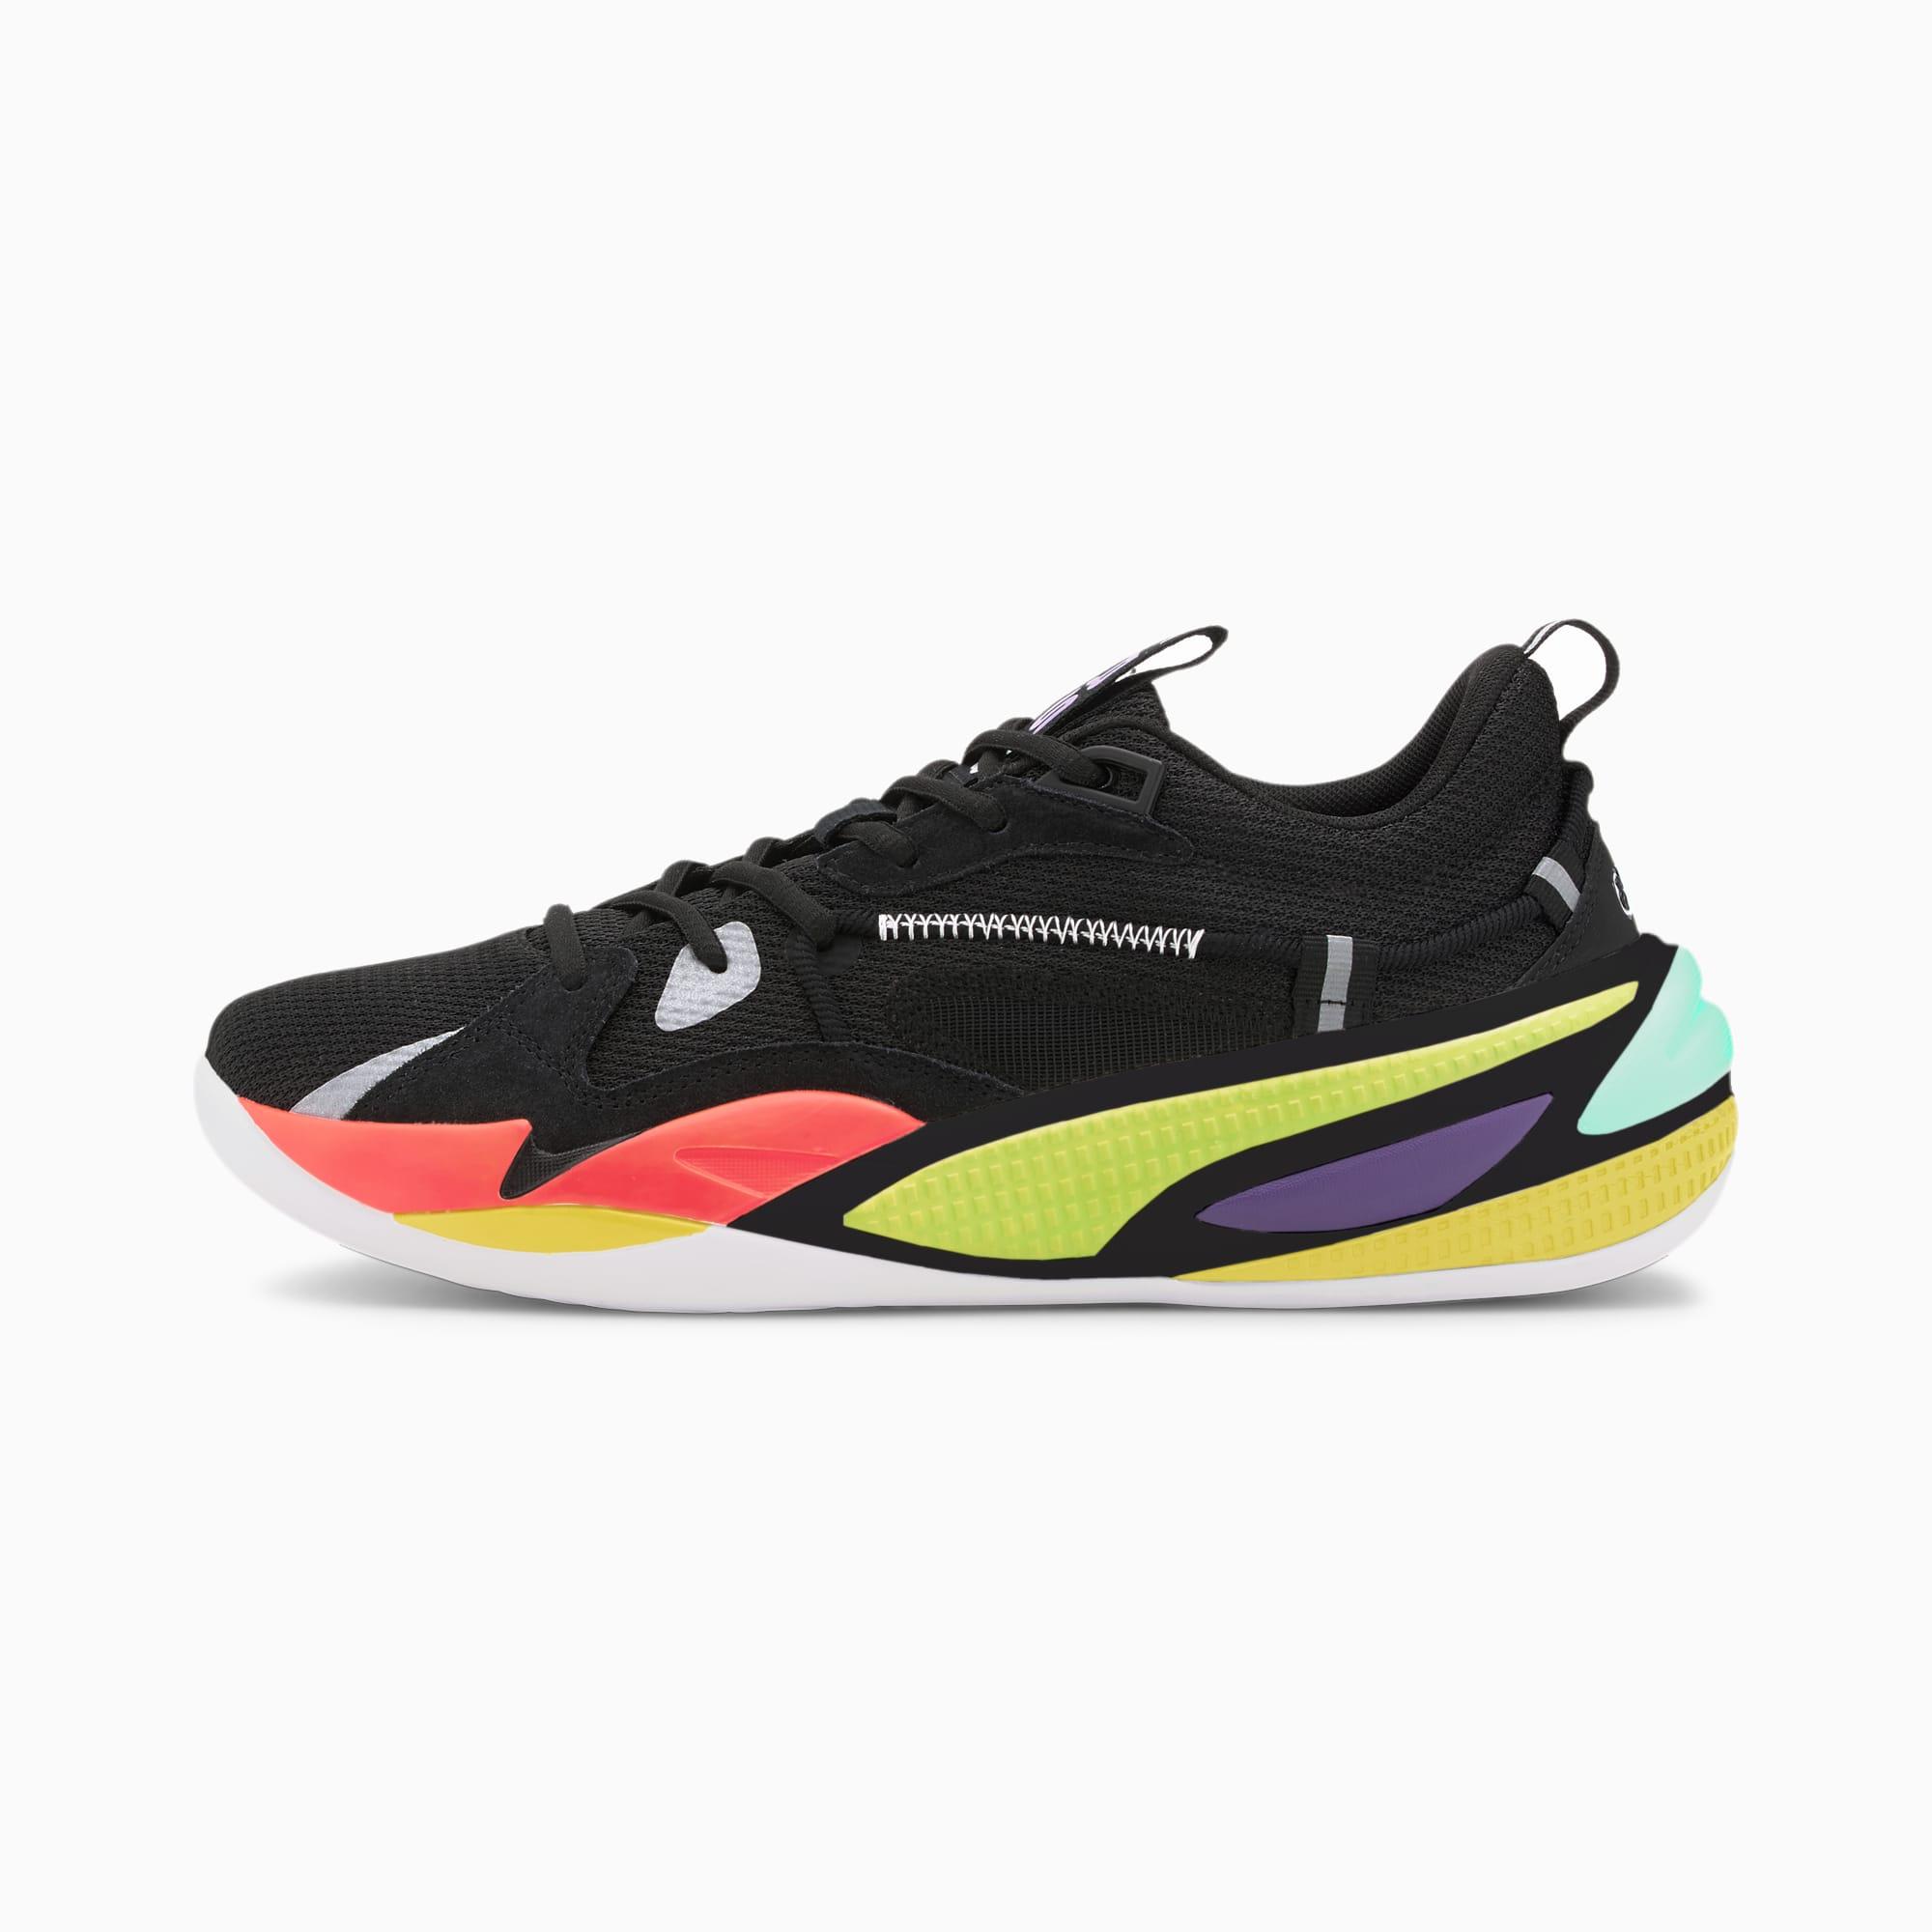 PUMA Chaussure de basket RS-Dreamer Proto, Noir/Rouge, Taille 40, Chaussures